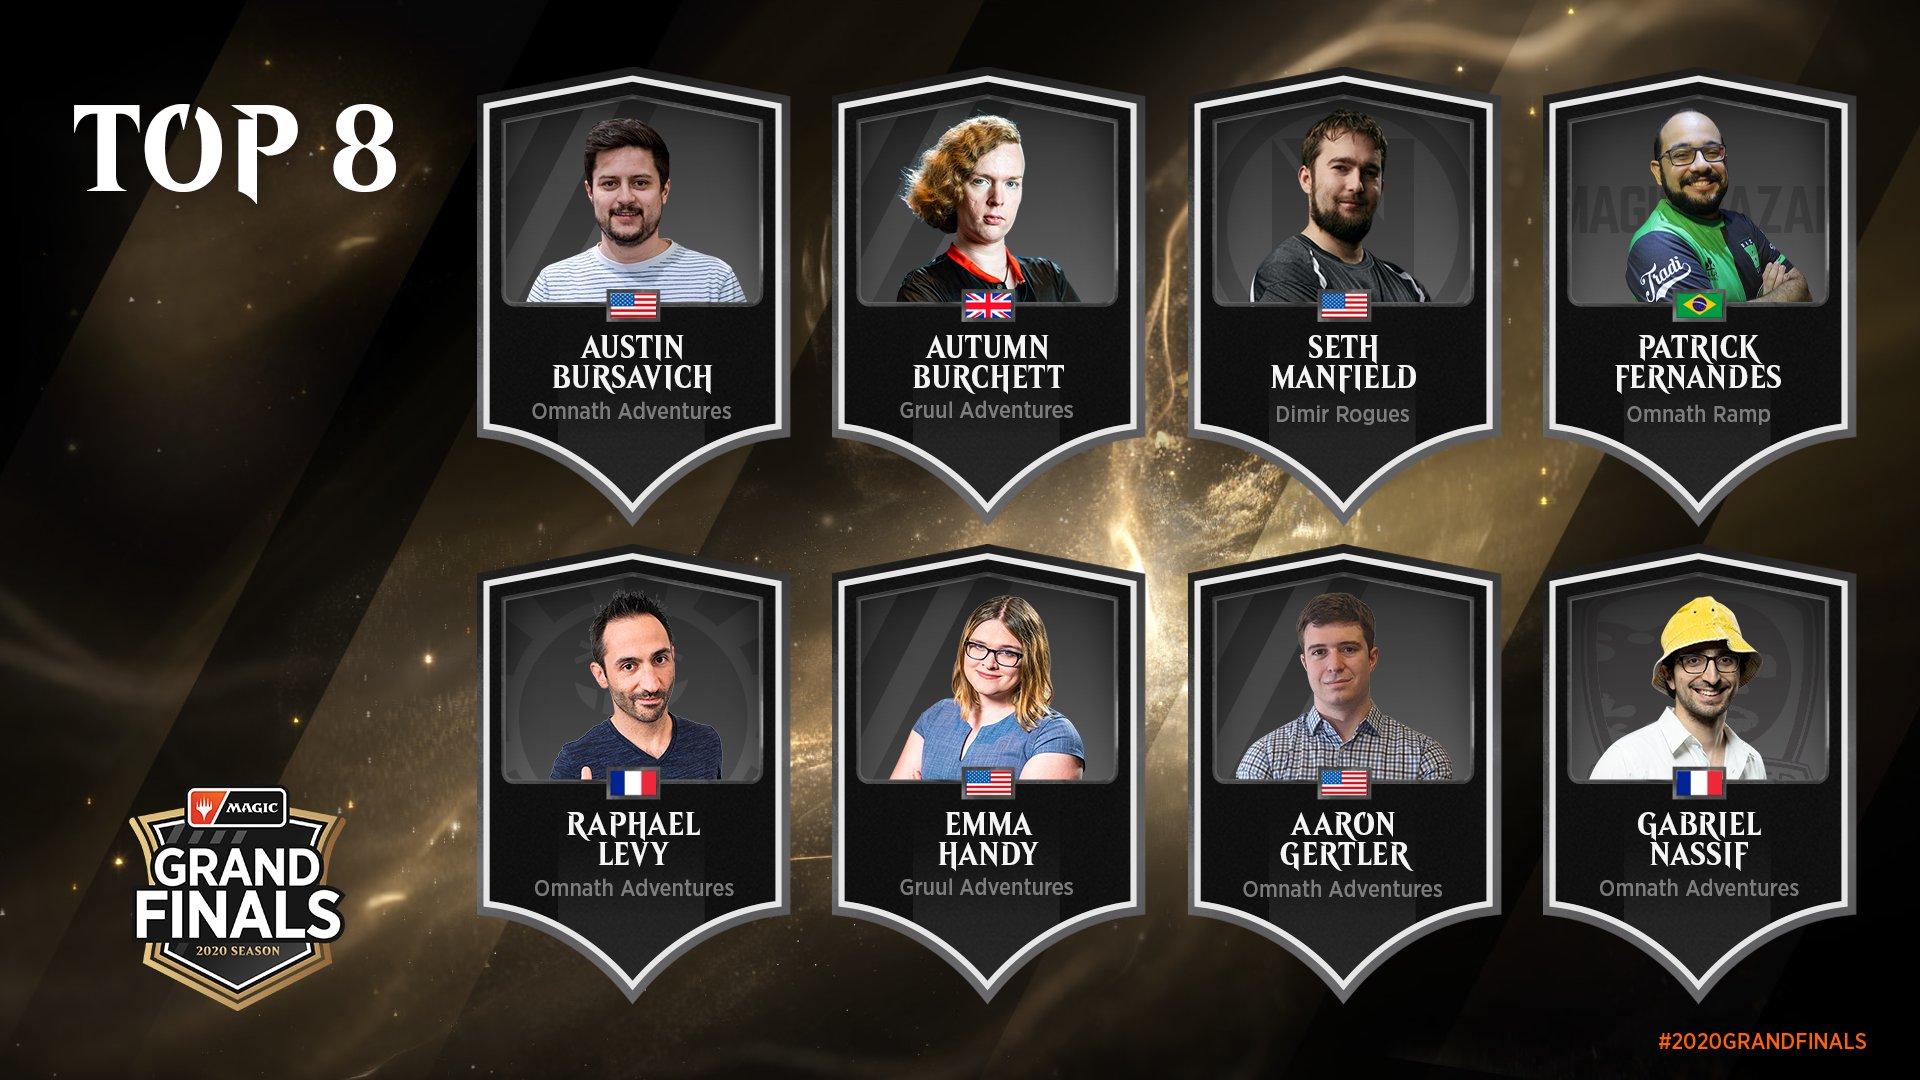 Top 8 Grand Finals